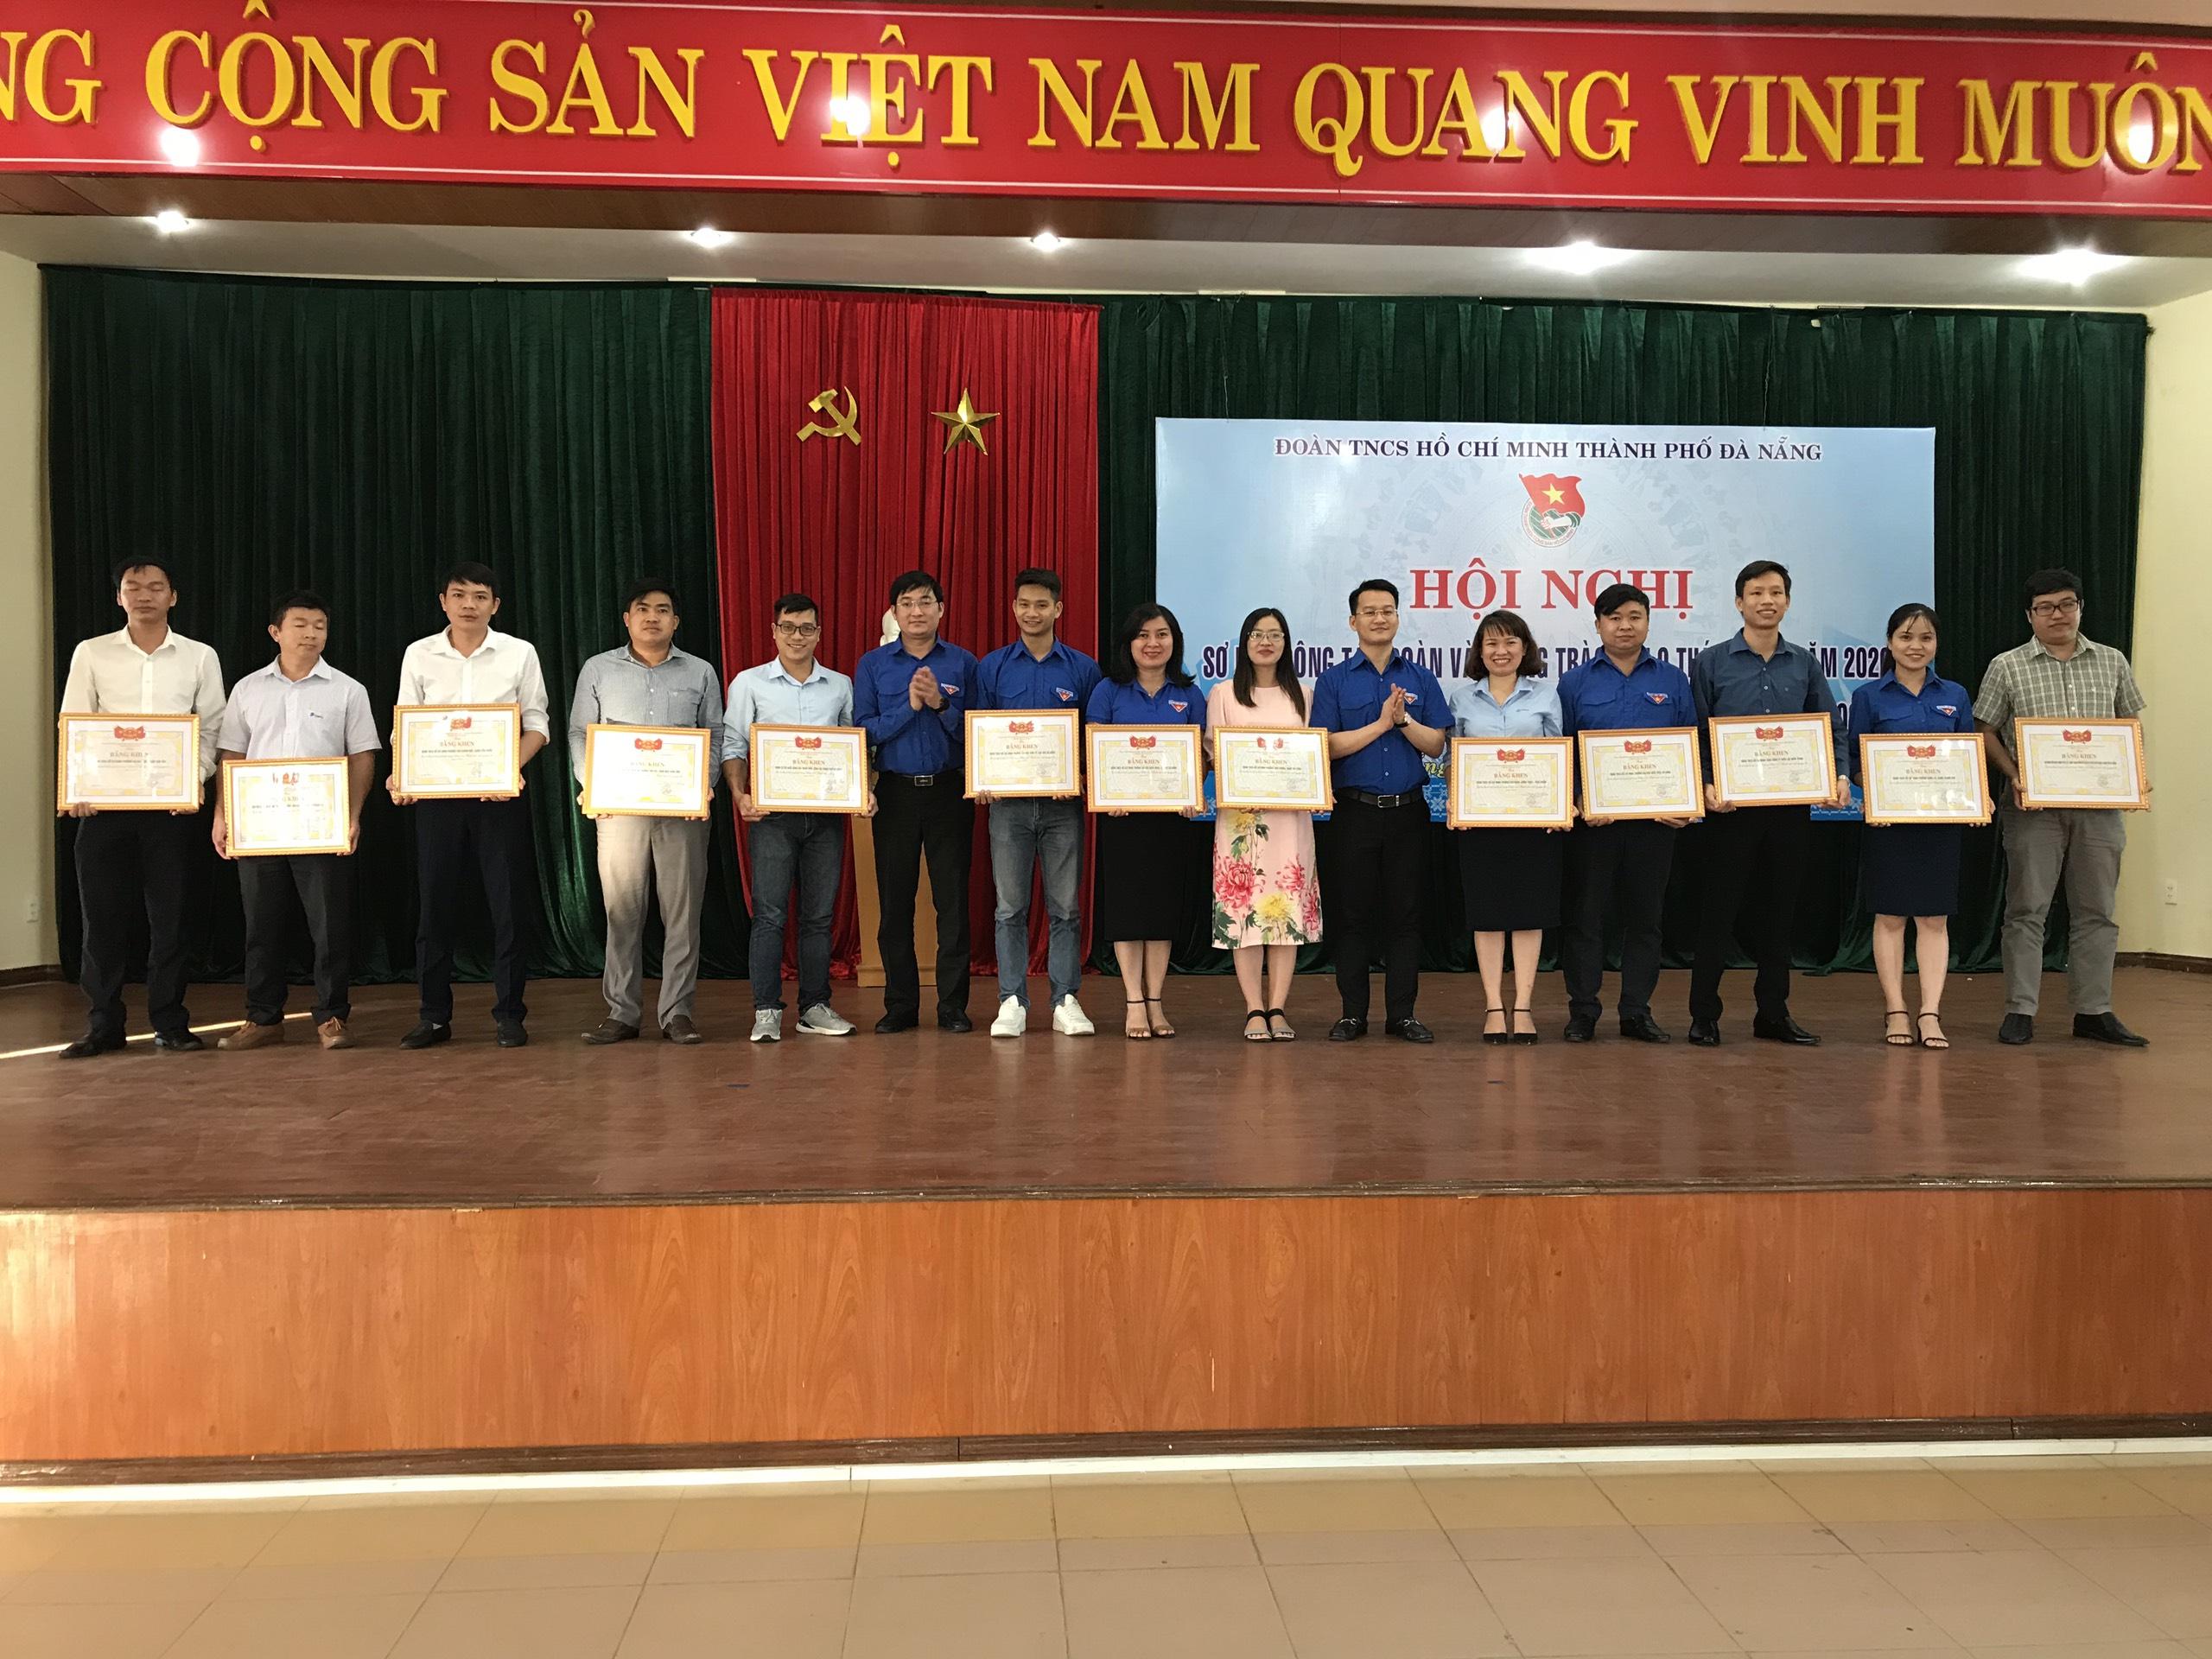 Tổng kết chiến dịch thanh niên tình nguyện hè Đà Nẵng năm 2020